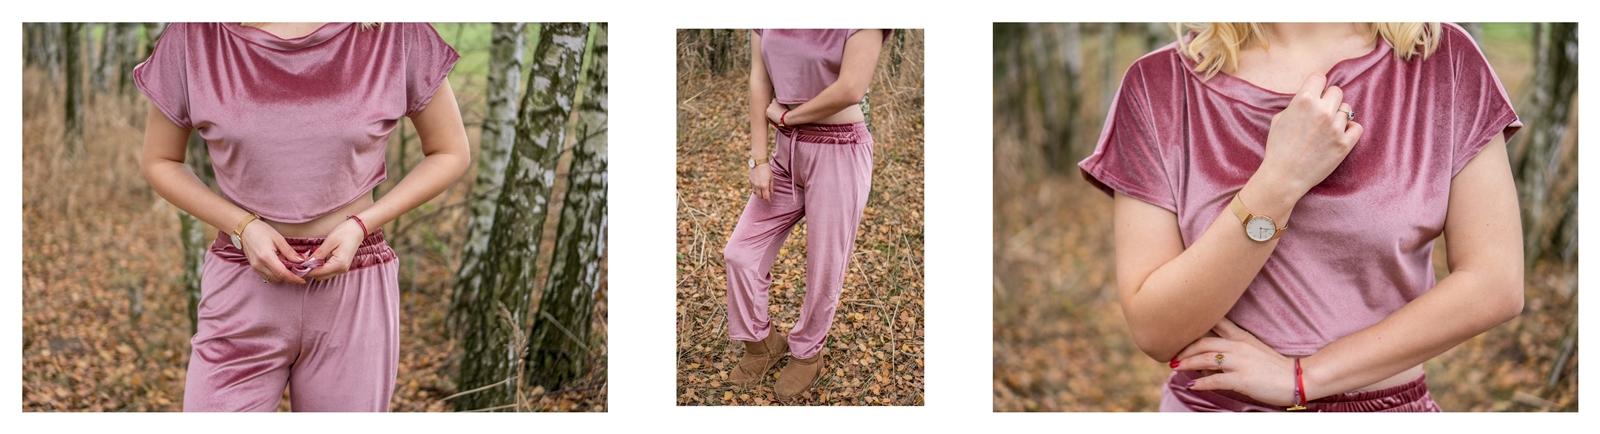 6 stylowy welurowy dres gdzie kupić cena jakość modne spodnie dresowe emu ciepłe buty i stylizacje na jesień i zmę femme luxe jakość opinia cena recenzje